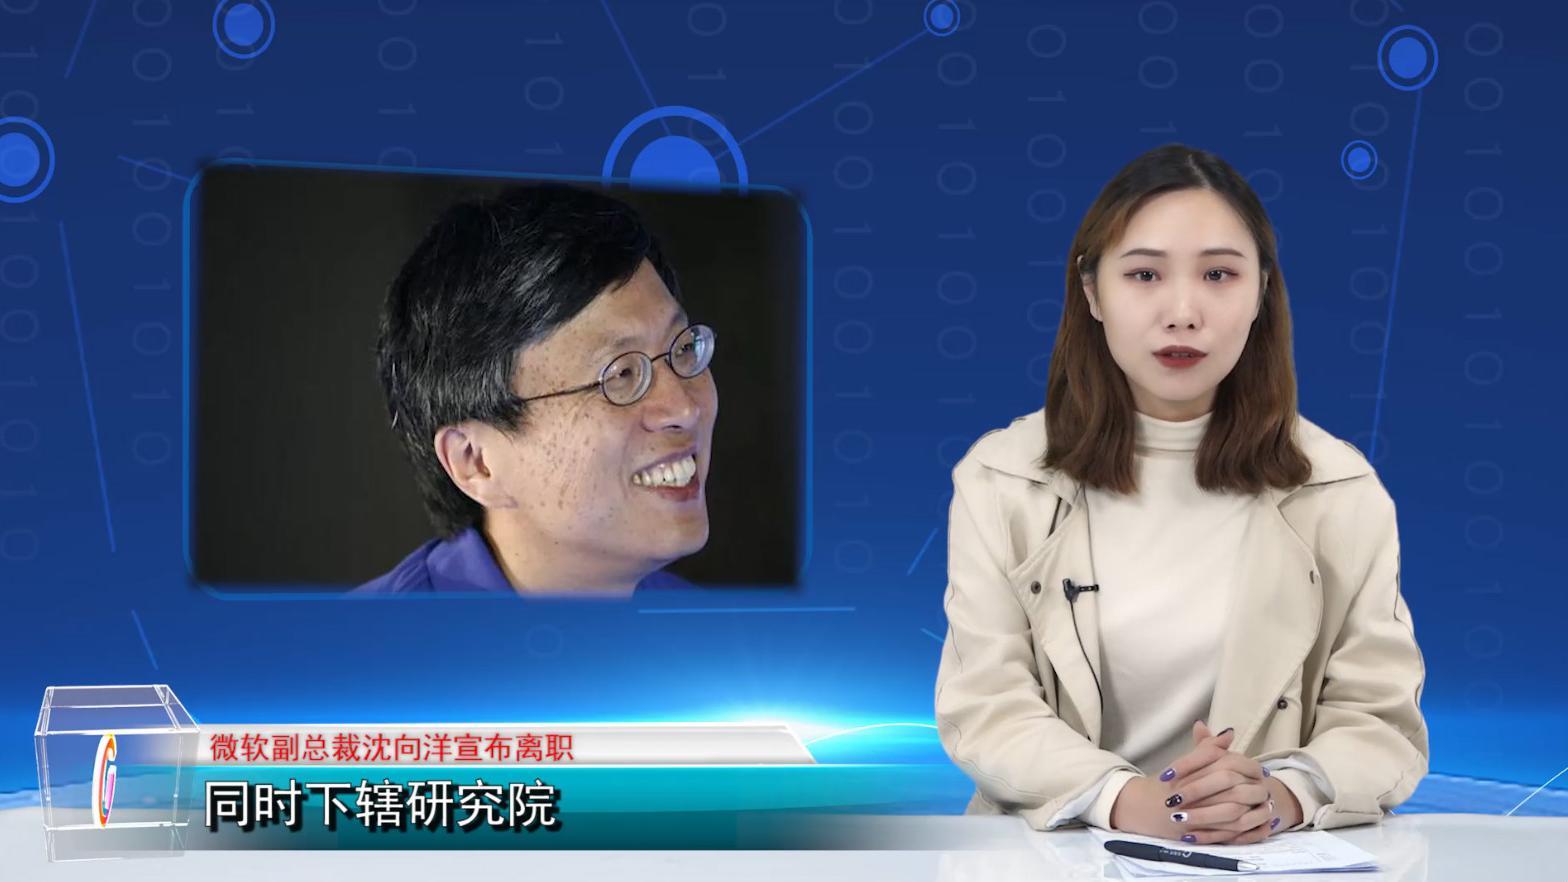 微软中国员工全球执行副总裁沈向洋宣布离职,继续担任顾问